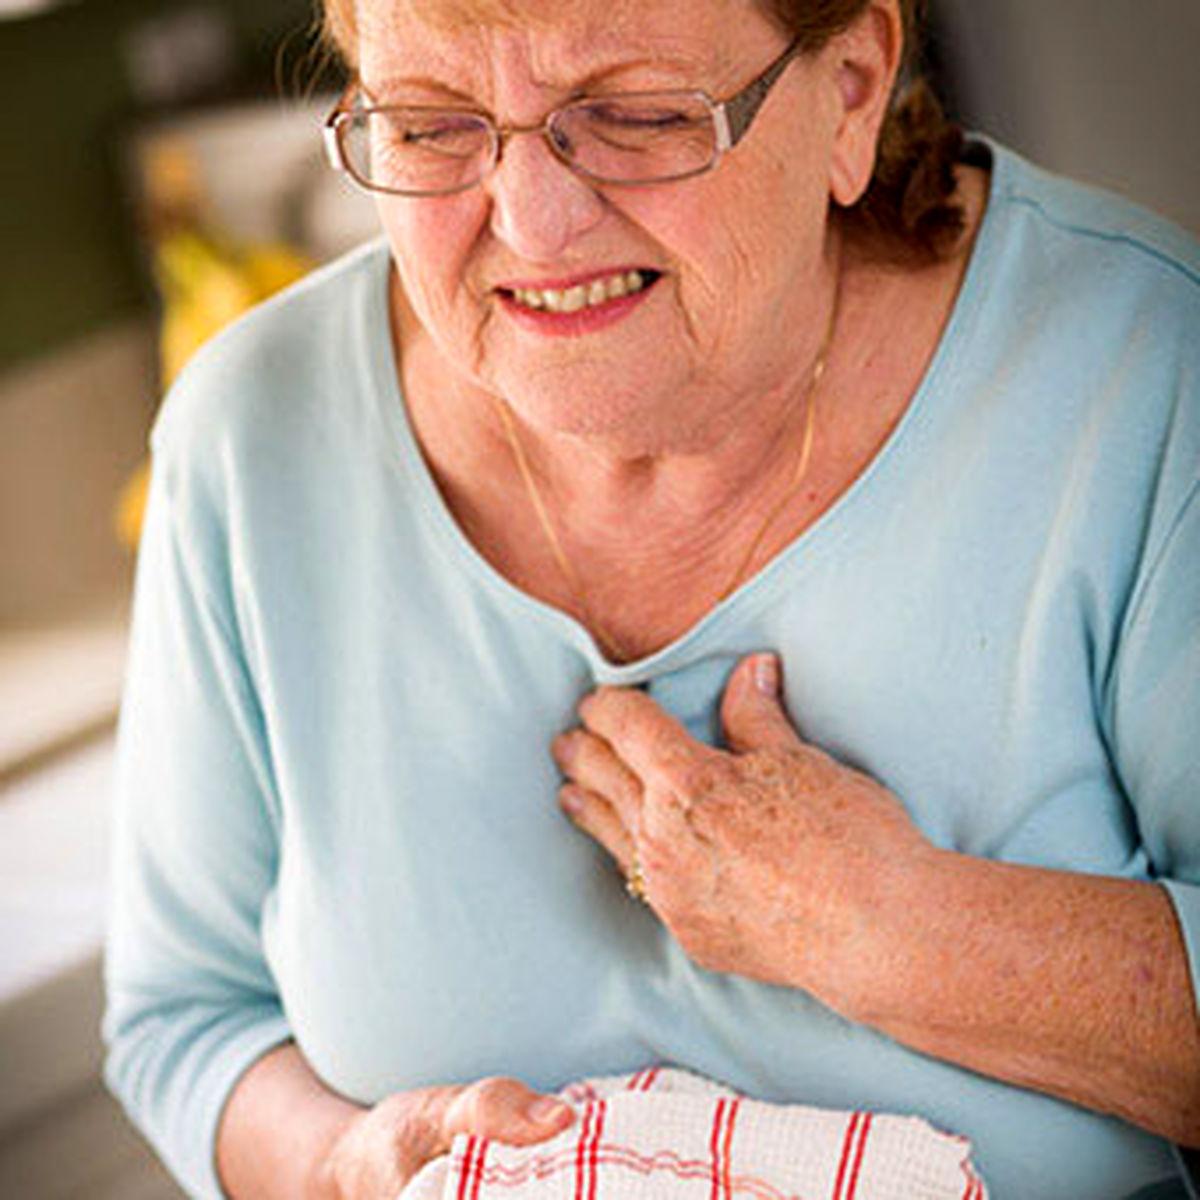 علت حمله قلبی چیست؟